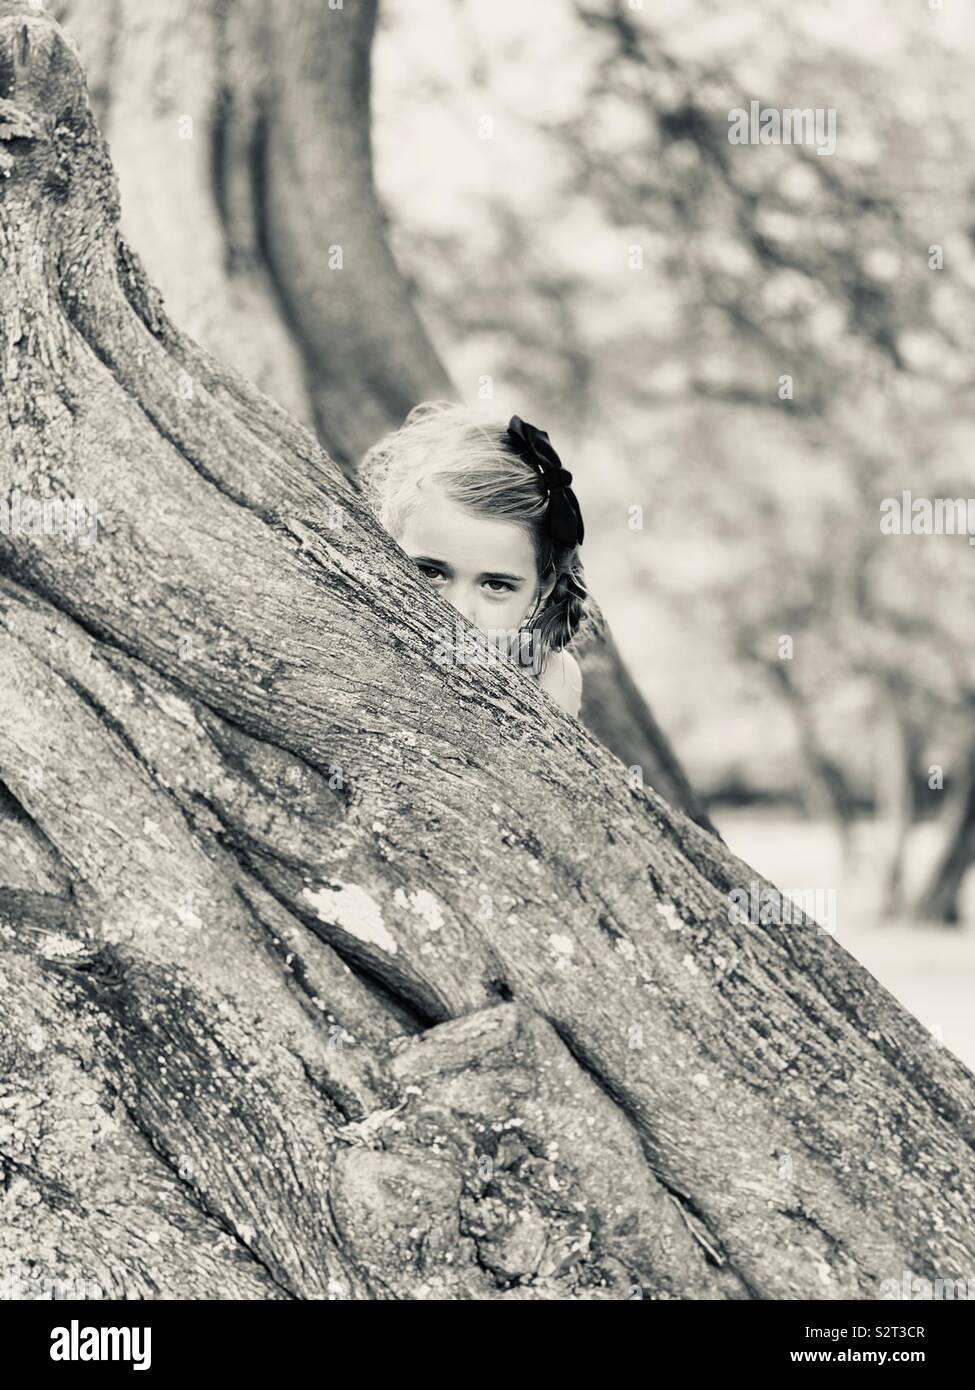 Peek-a-boo Photo Stock